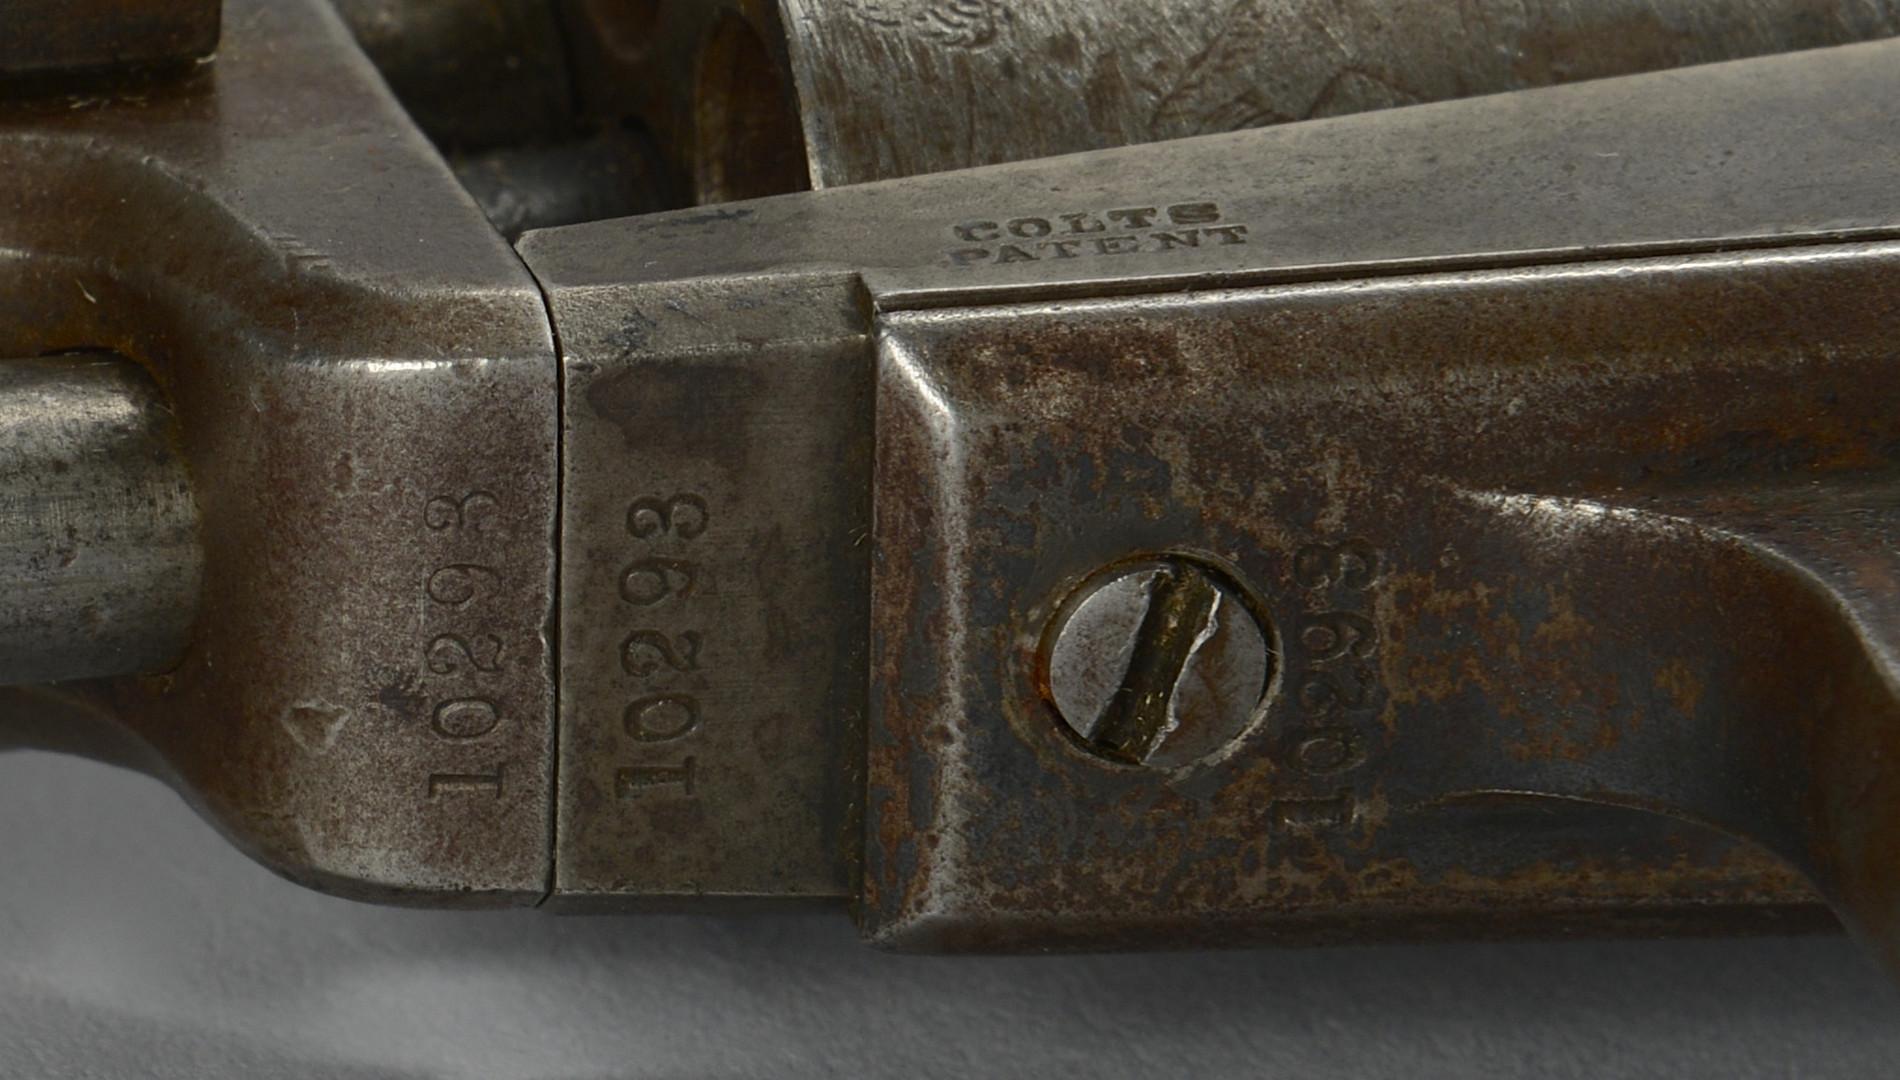 Lot 115: Colt Model 1849 Pocket Revolver